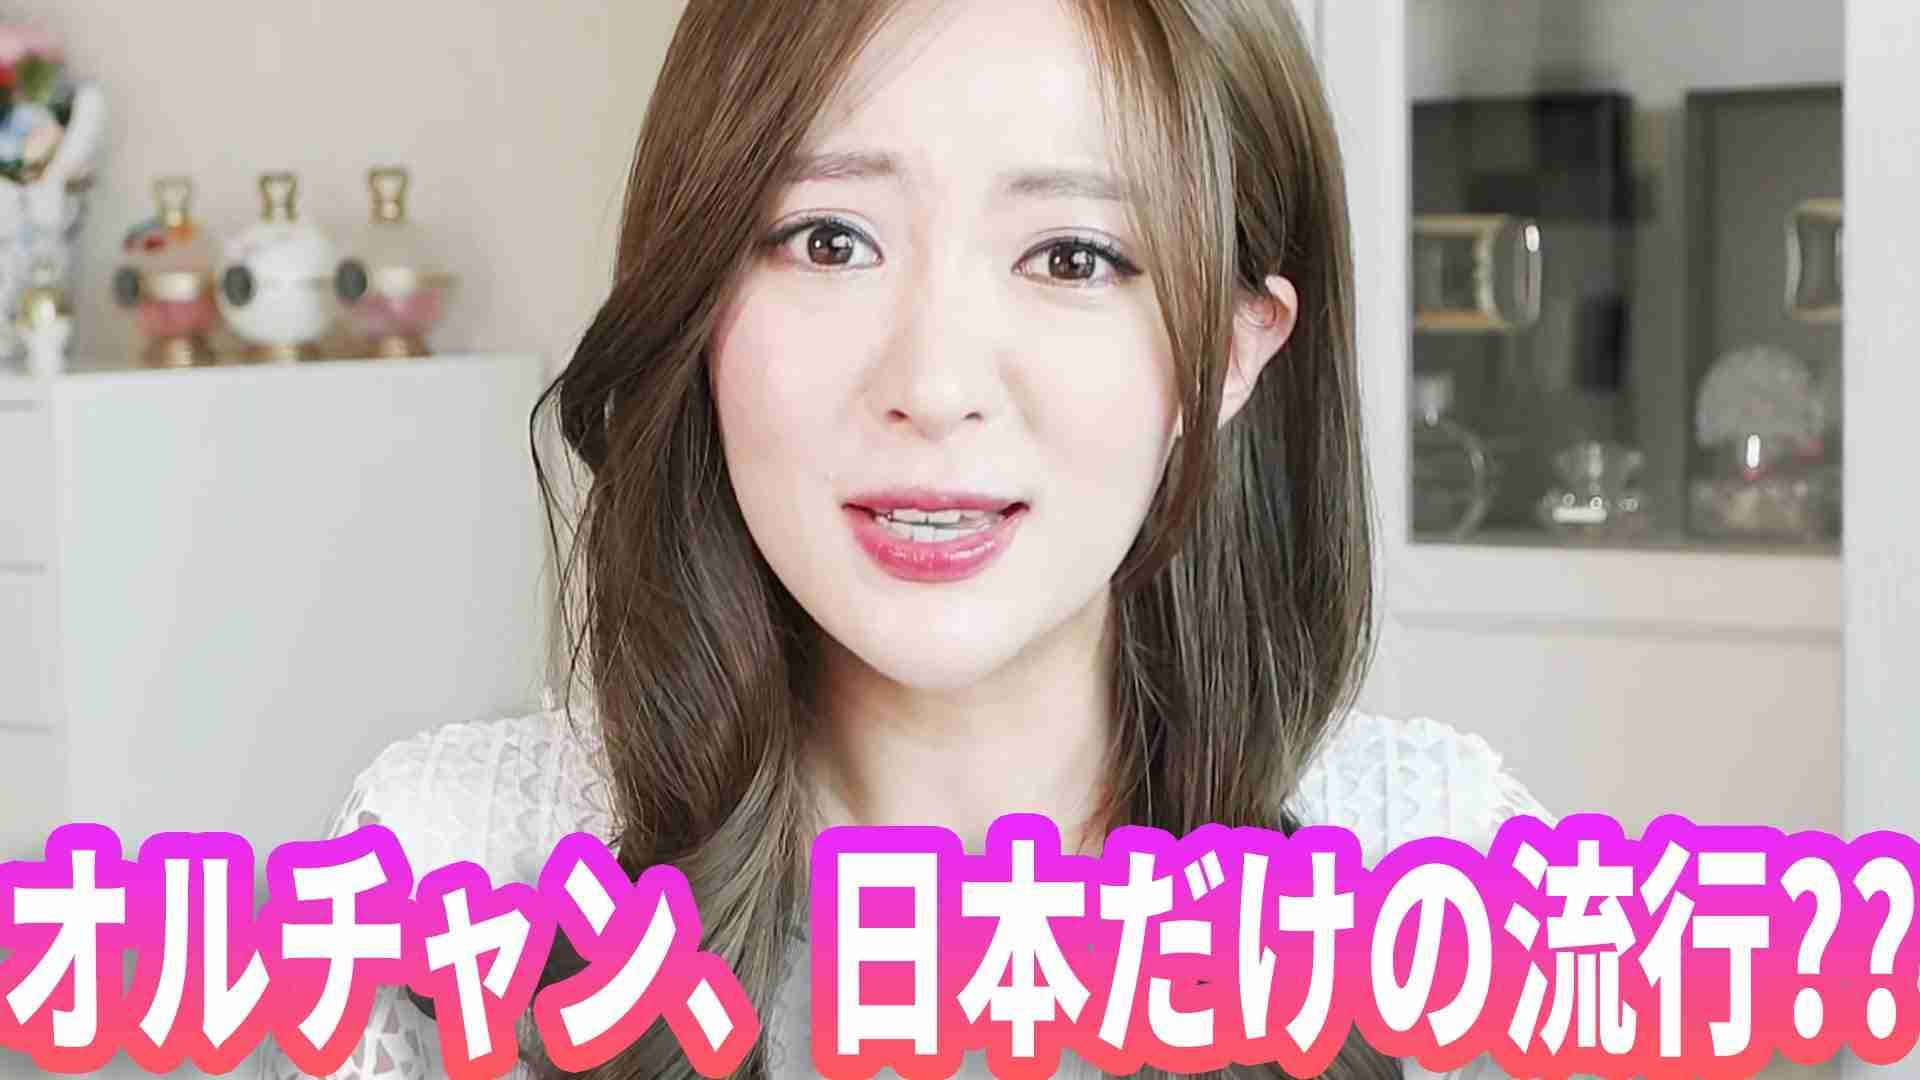 韓国でオルチャンは実はそんなに流行ってない?? - YouTube